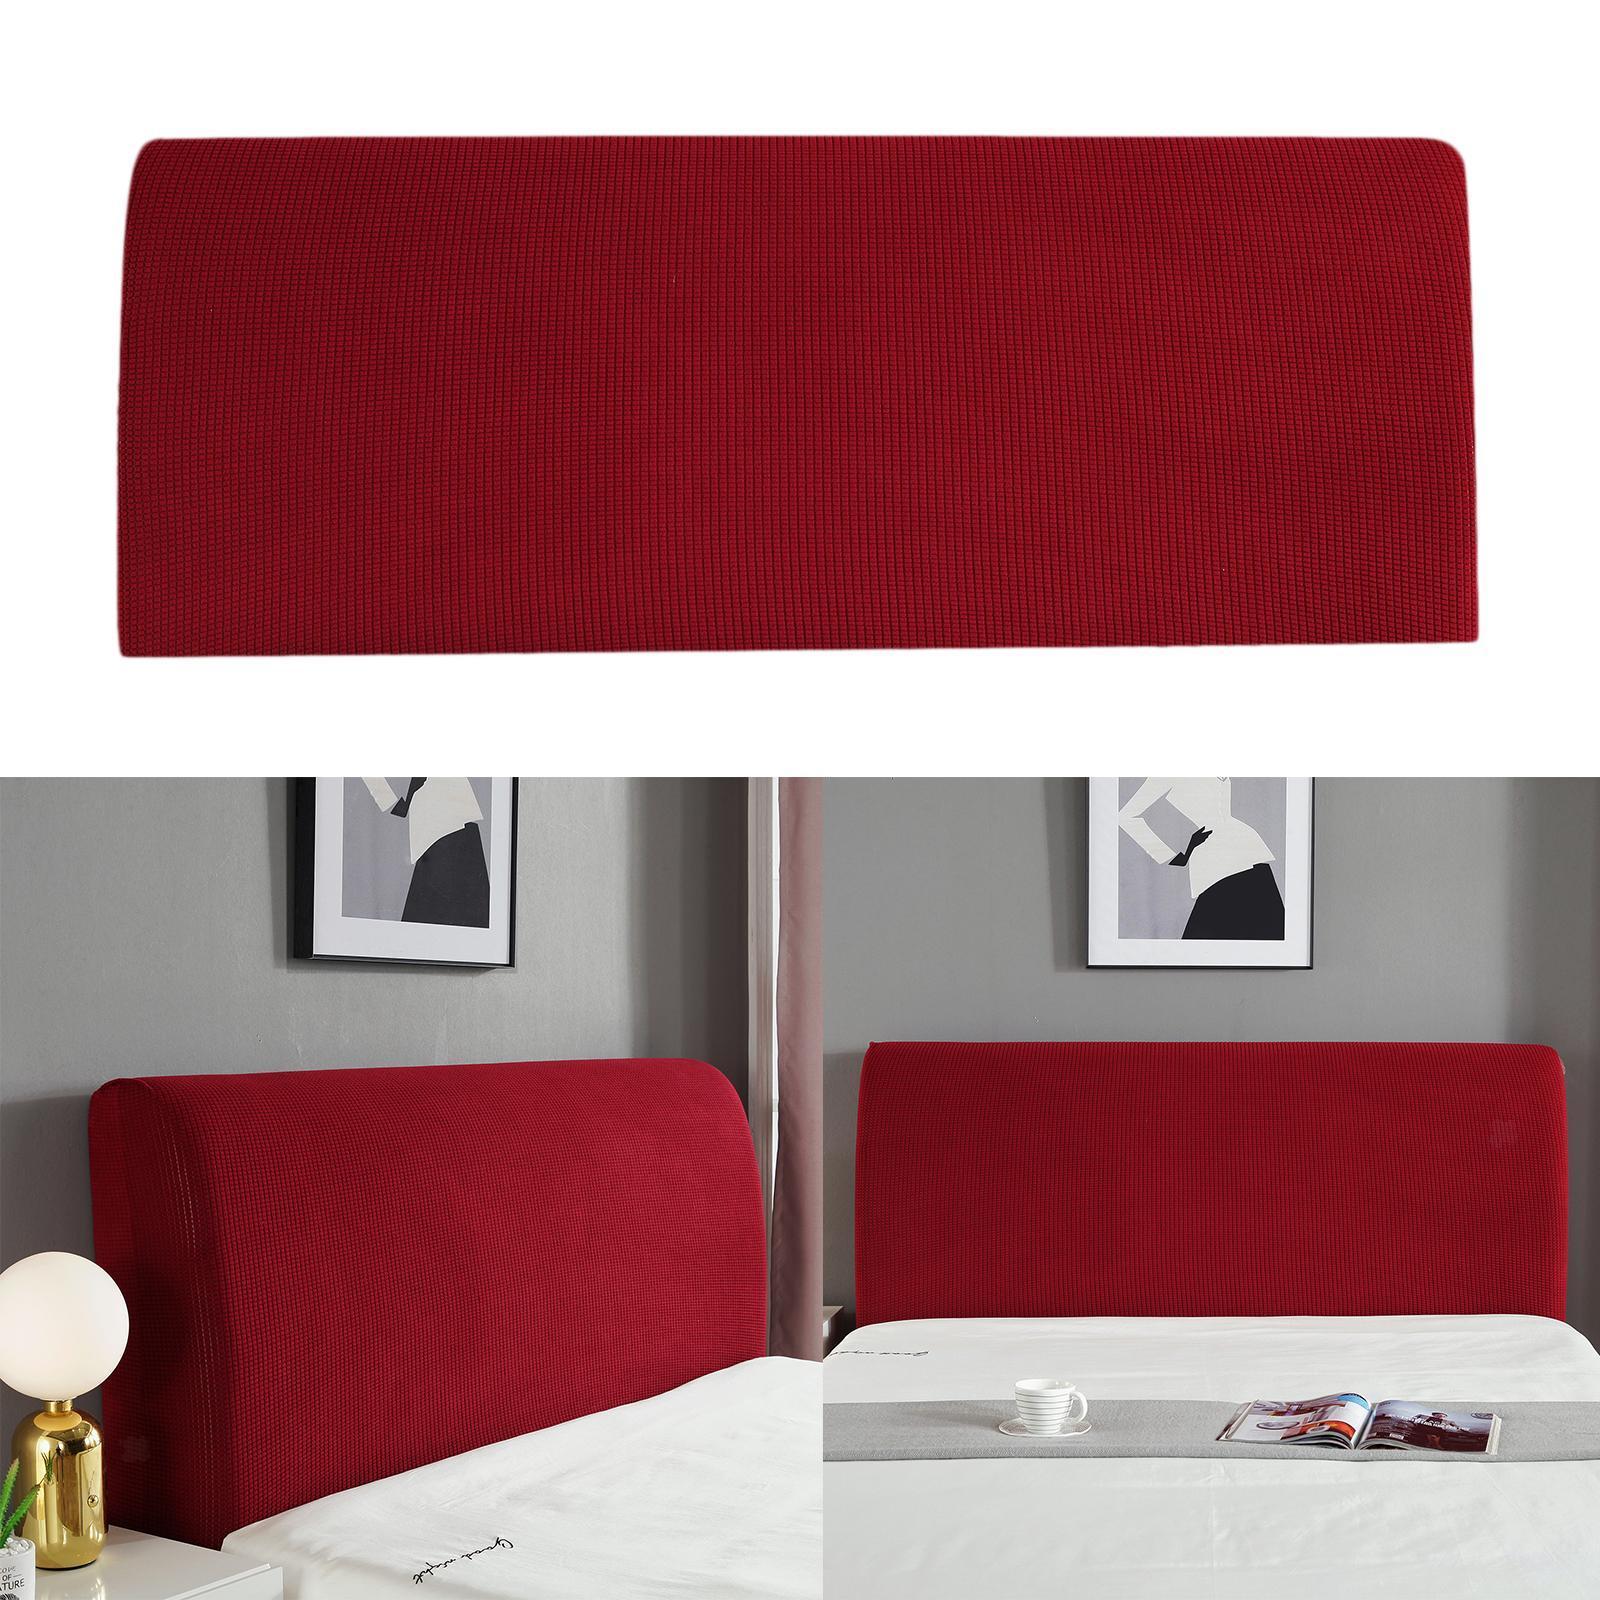 miniatura 15 - Fodera-per-testiera-letto-elasticizzata-Fodera-per-testata-letto-Protezione